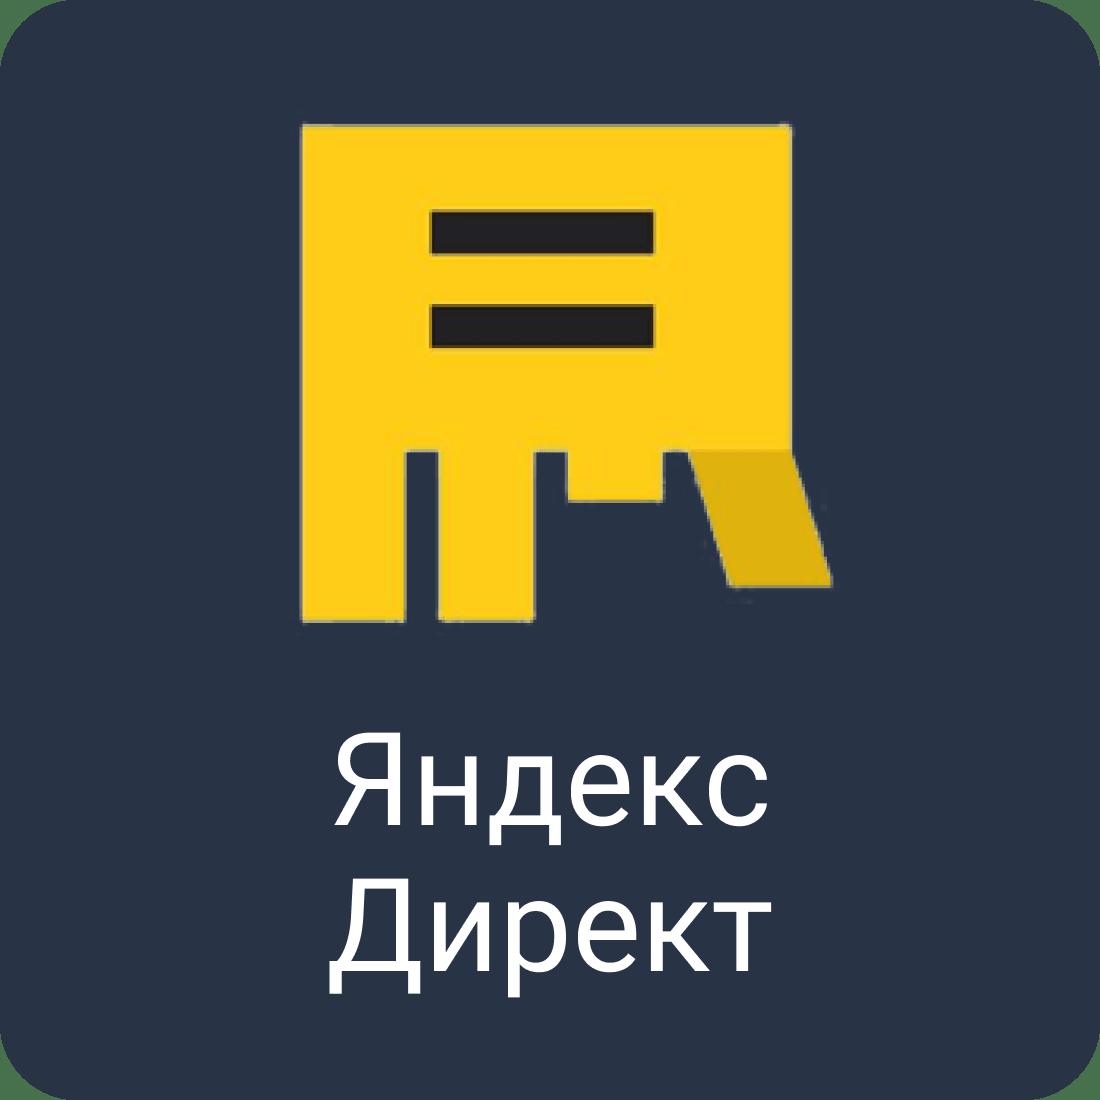 Яндекс ДДирект